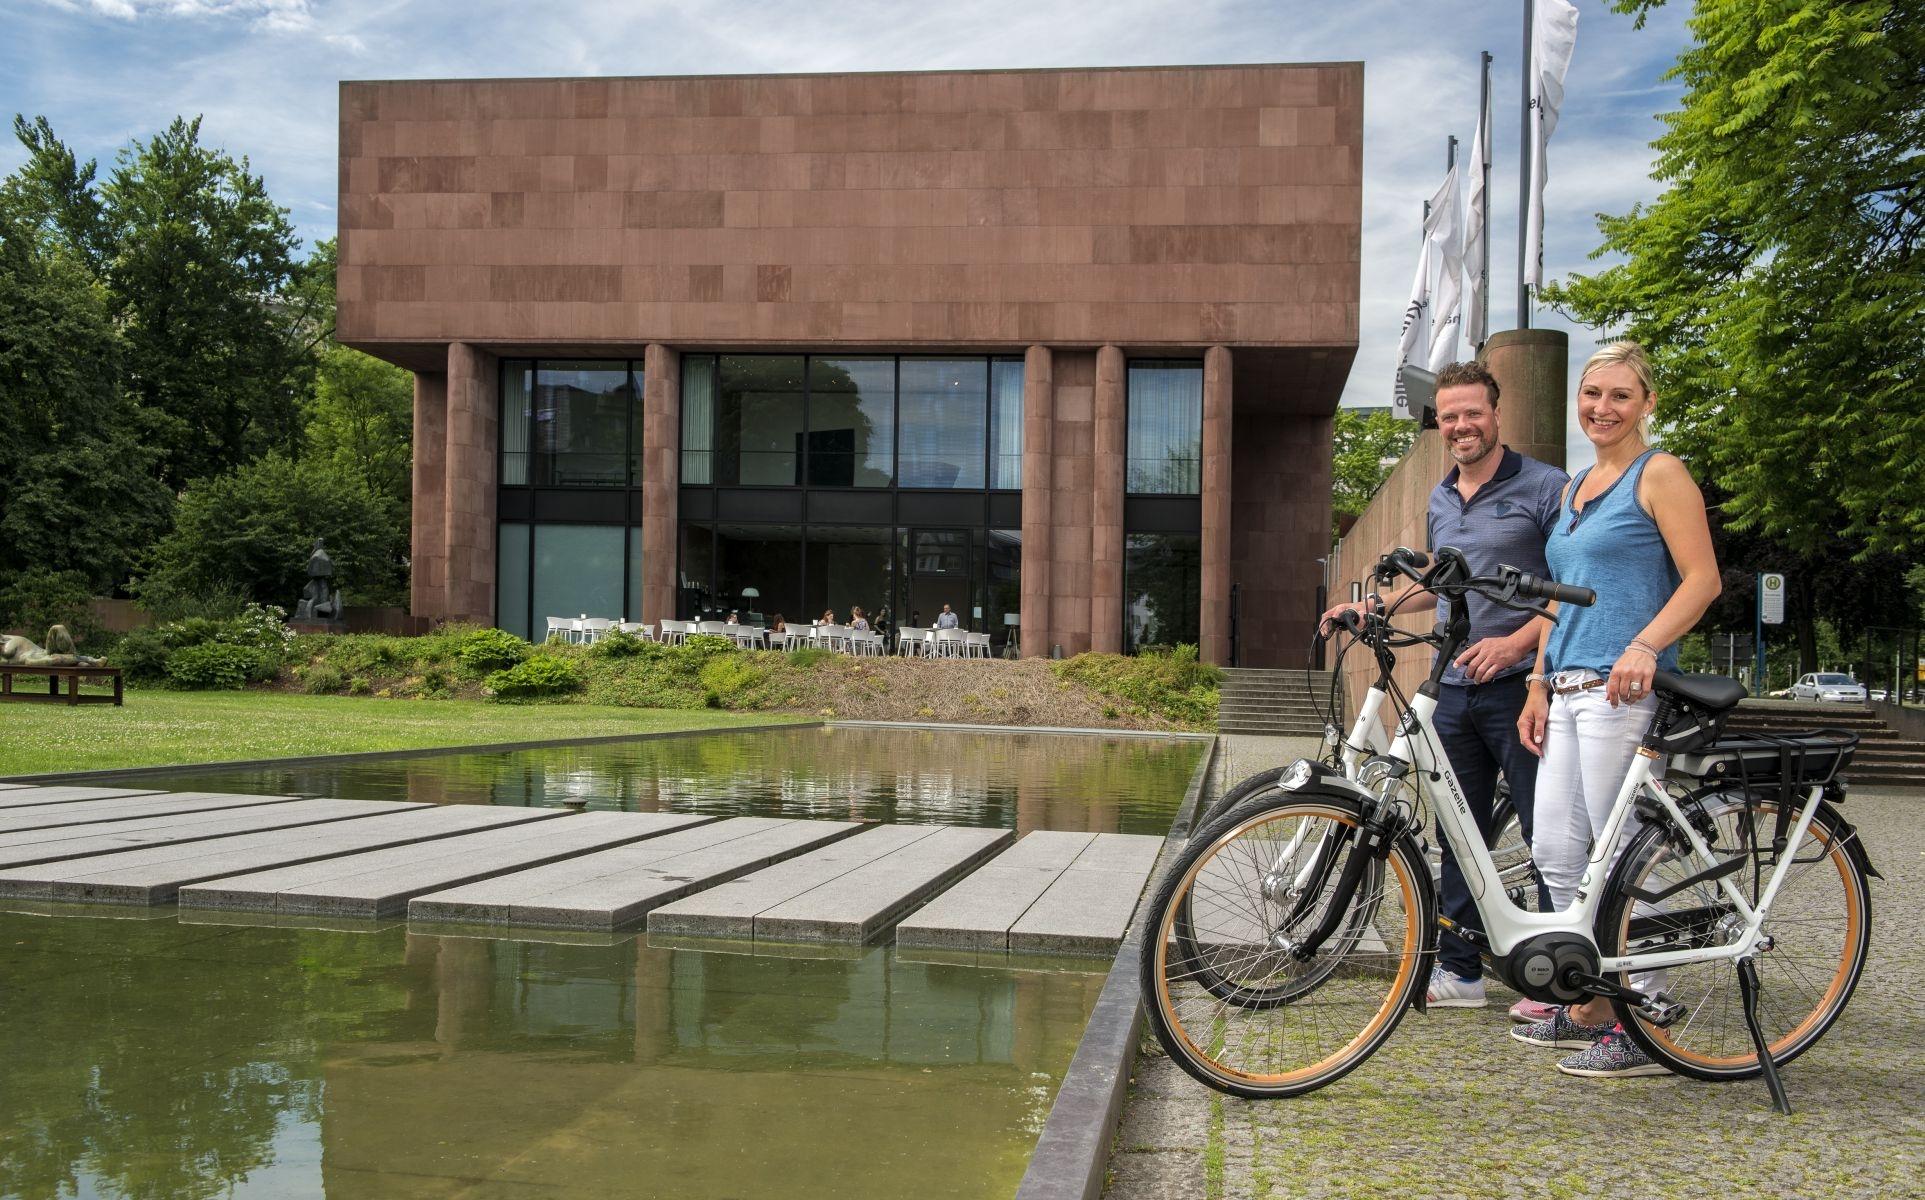 Radfahrer an der Kunsthalle Bielefeld